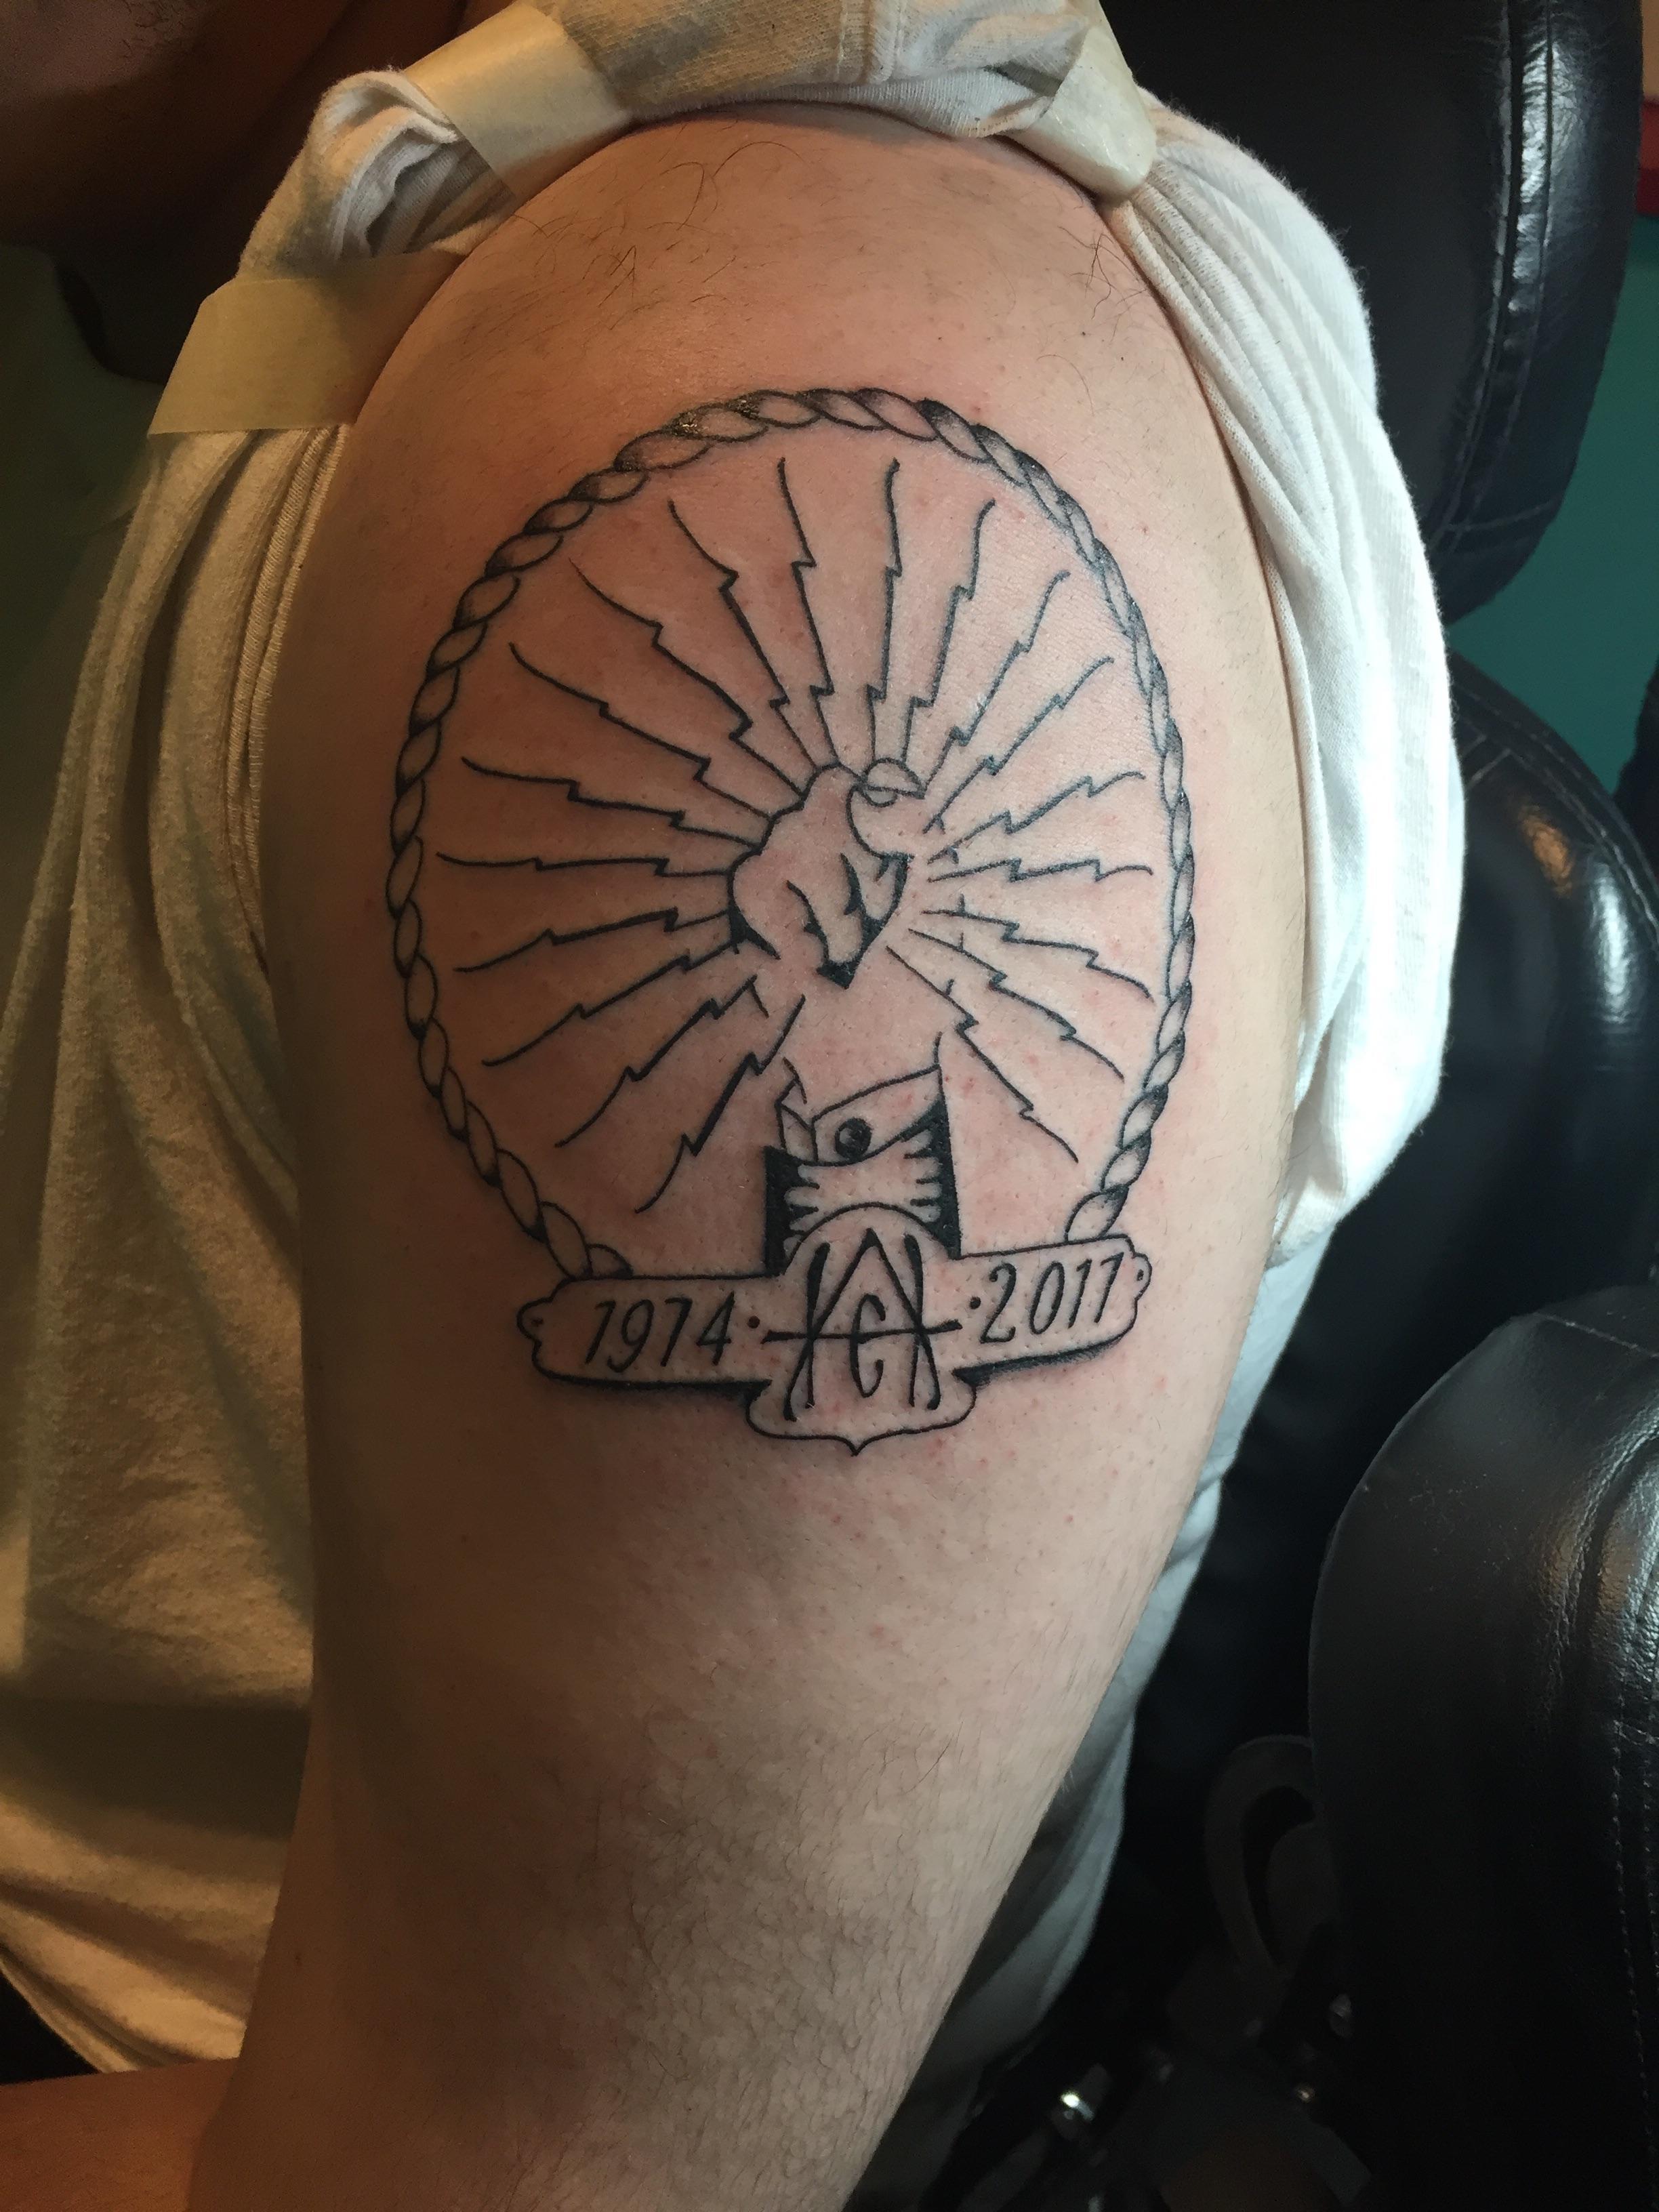 Splendid Ibew Memorial Tattoo Done By Ed At Electric New Ibew Memorial Tattoo Done By Ed At Electric New Orleans Dog Memorial Tattoos Paw Print Dog Memorial Tattoos Small bark post Dog Memorial Tattoos